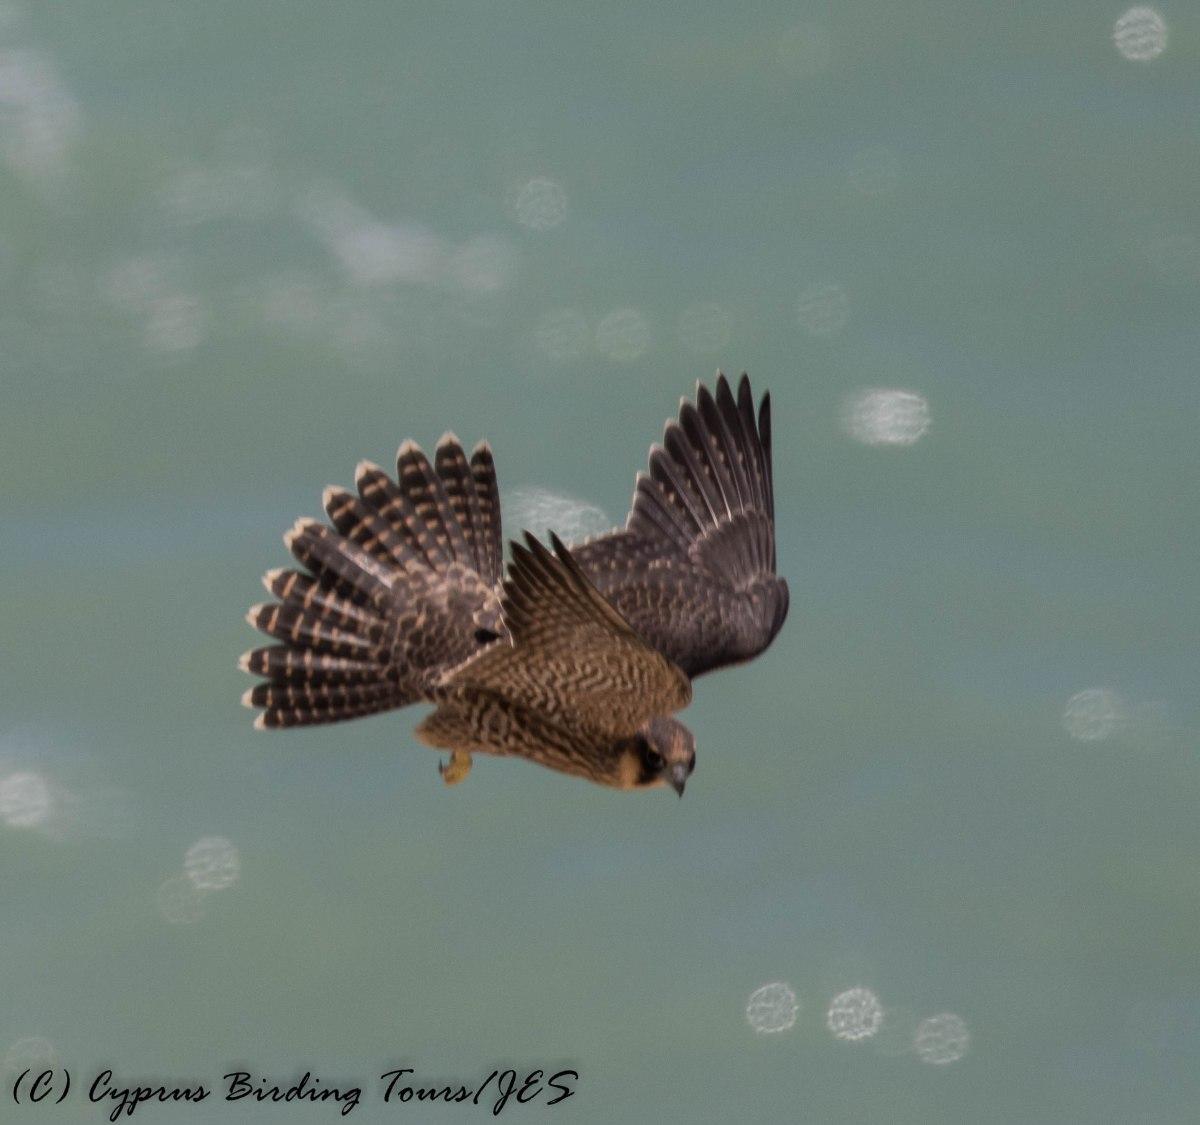 Peregrine Falcon, Petra tou Romiou 7th May 2016 (c) Cyprus Birding Tours